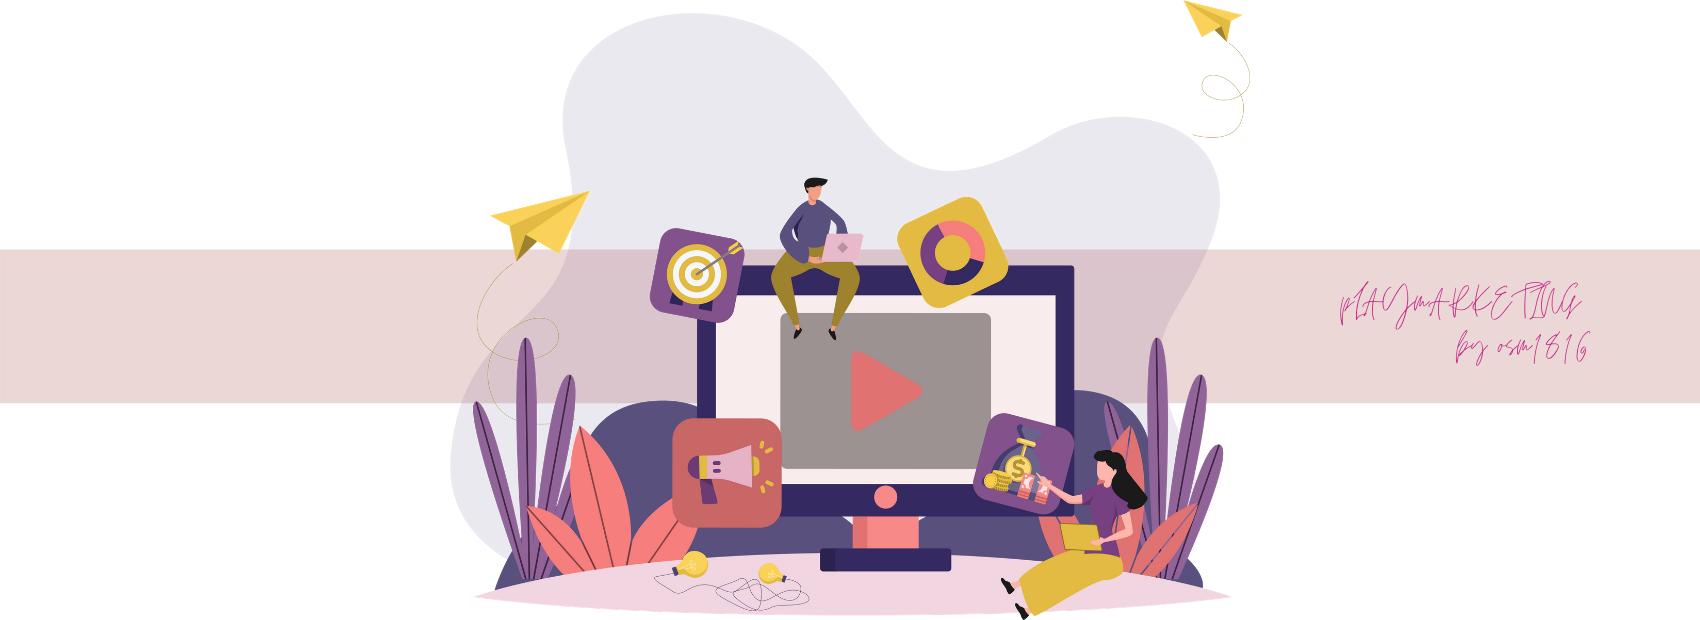 VIDEO MARKETING: Come generare lead per le tue campagne